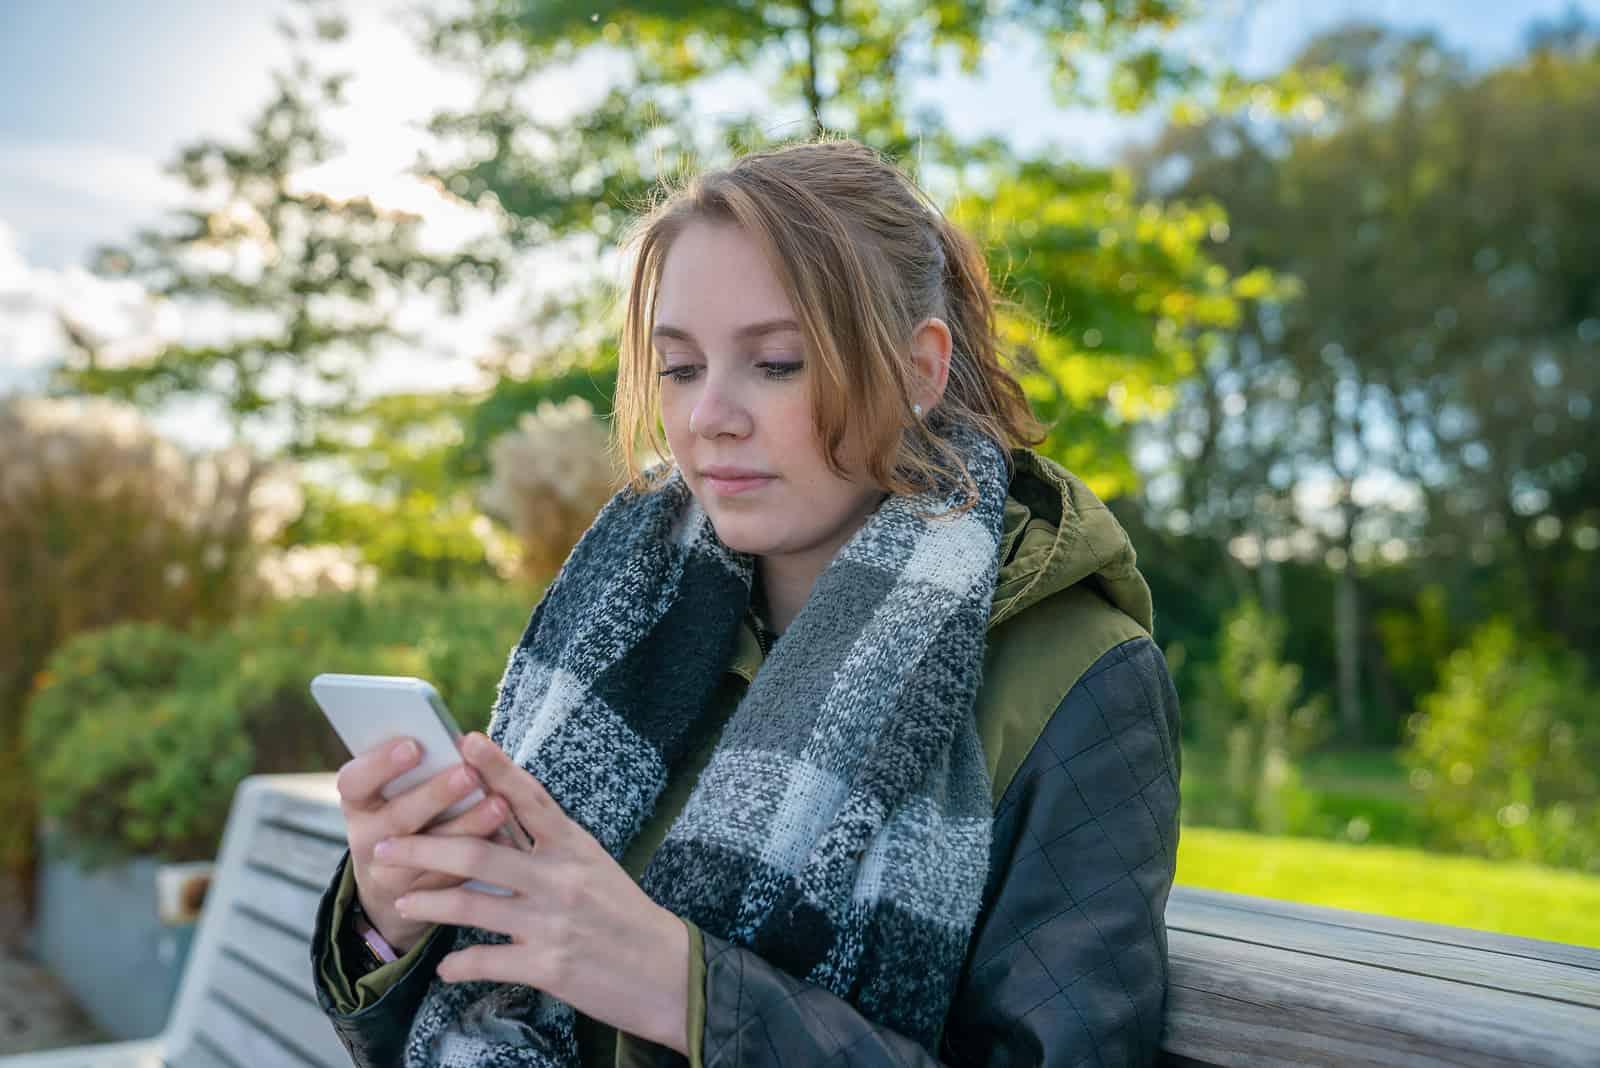 une femme est assise sur un banc de parc et écrit